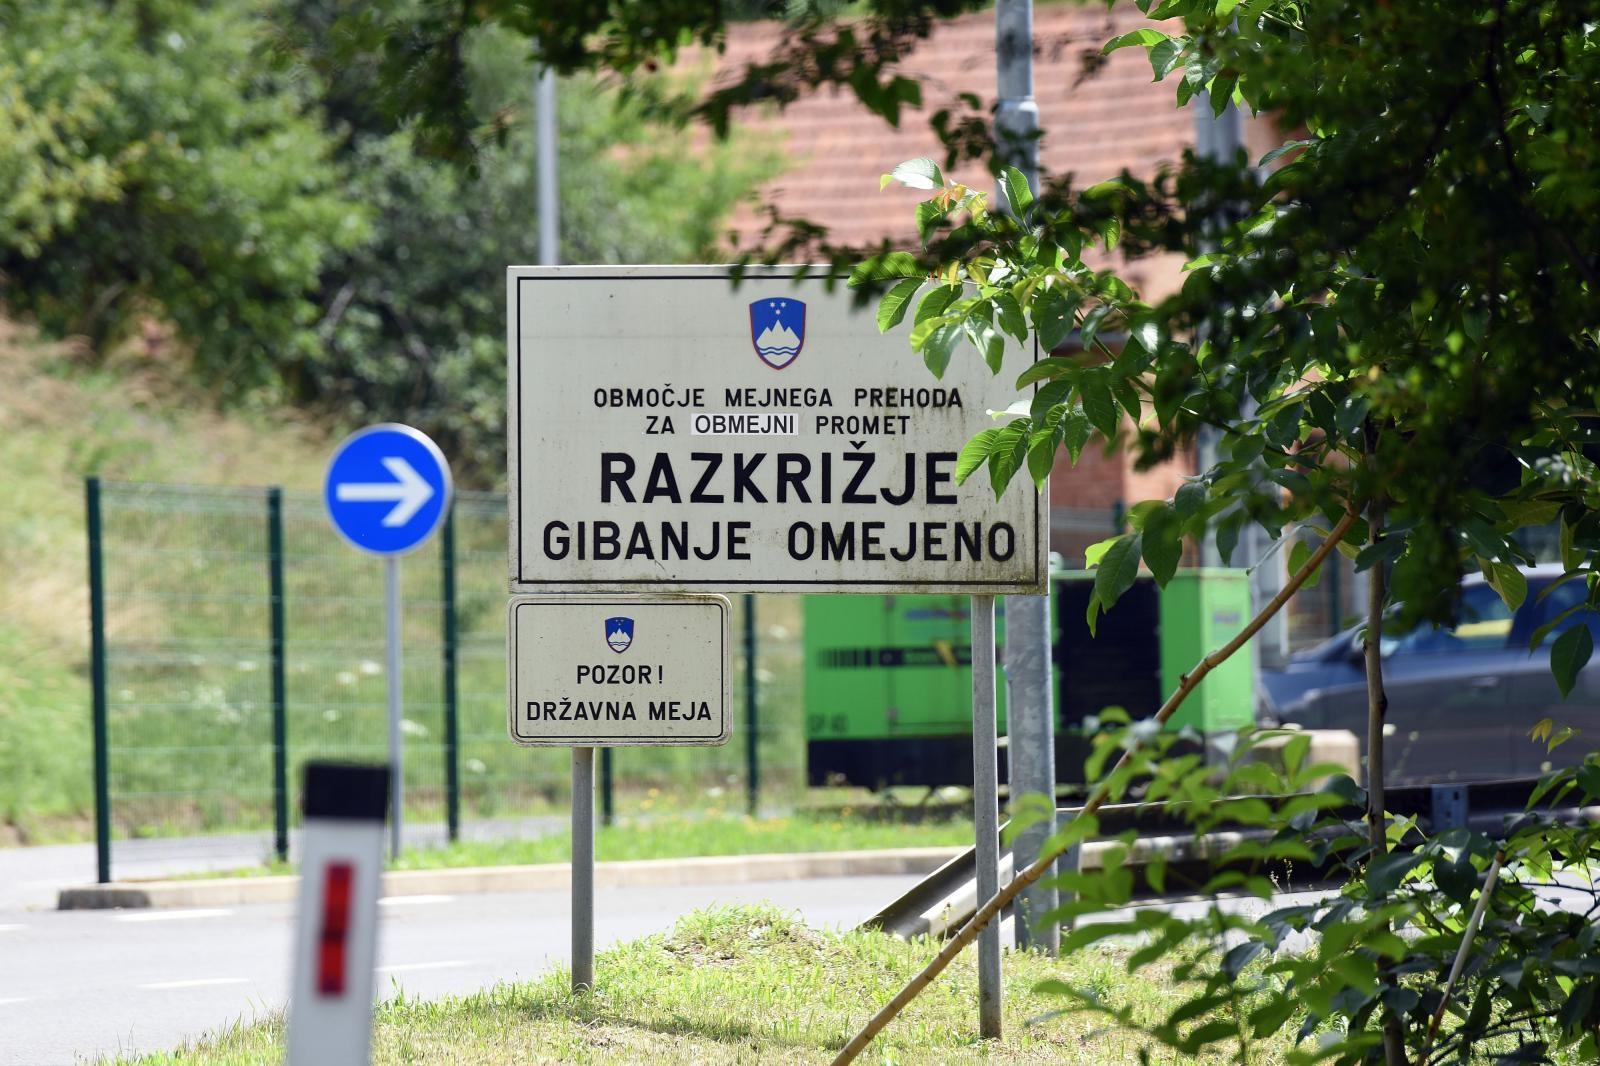 Migranti i dalje ilegalno prelaze slovensku granicu